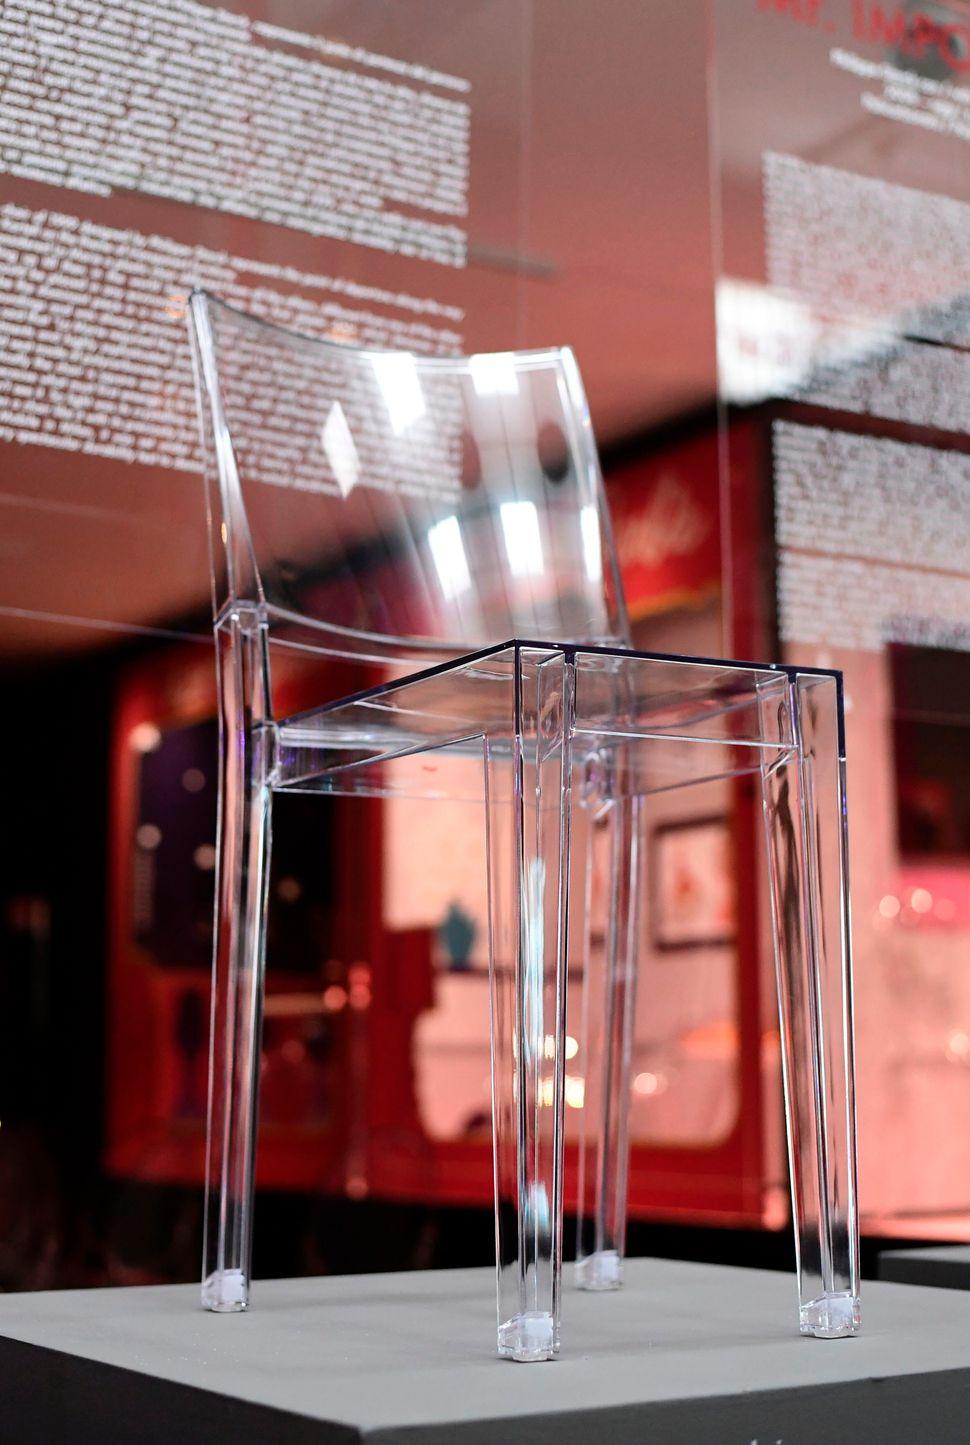 Η πρώτη πλαστική καρέκλα, σχεδιασμένη για τη Kartell το 1999 από τον Γάλλο σχεδιαστή Philippe Starck.